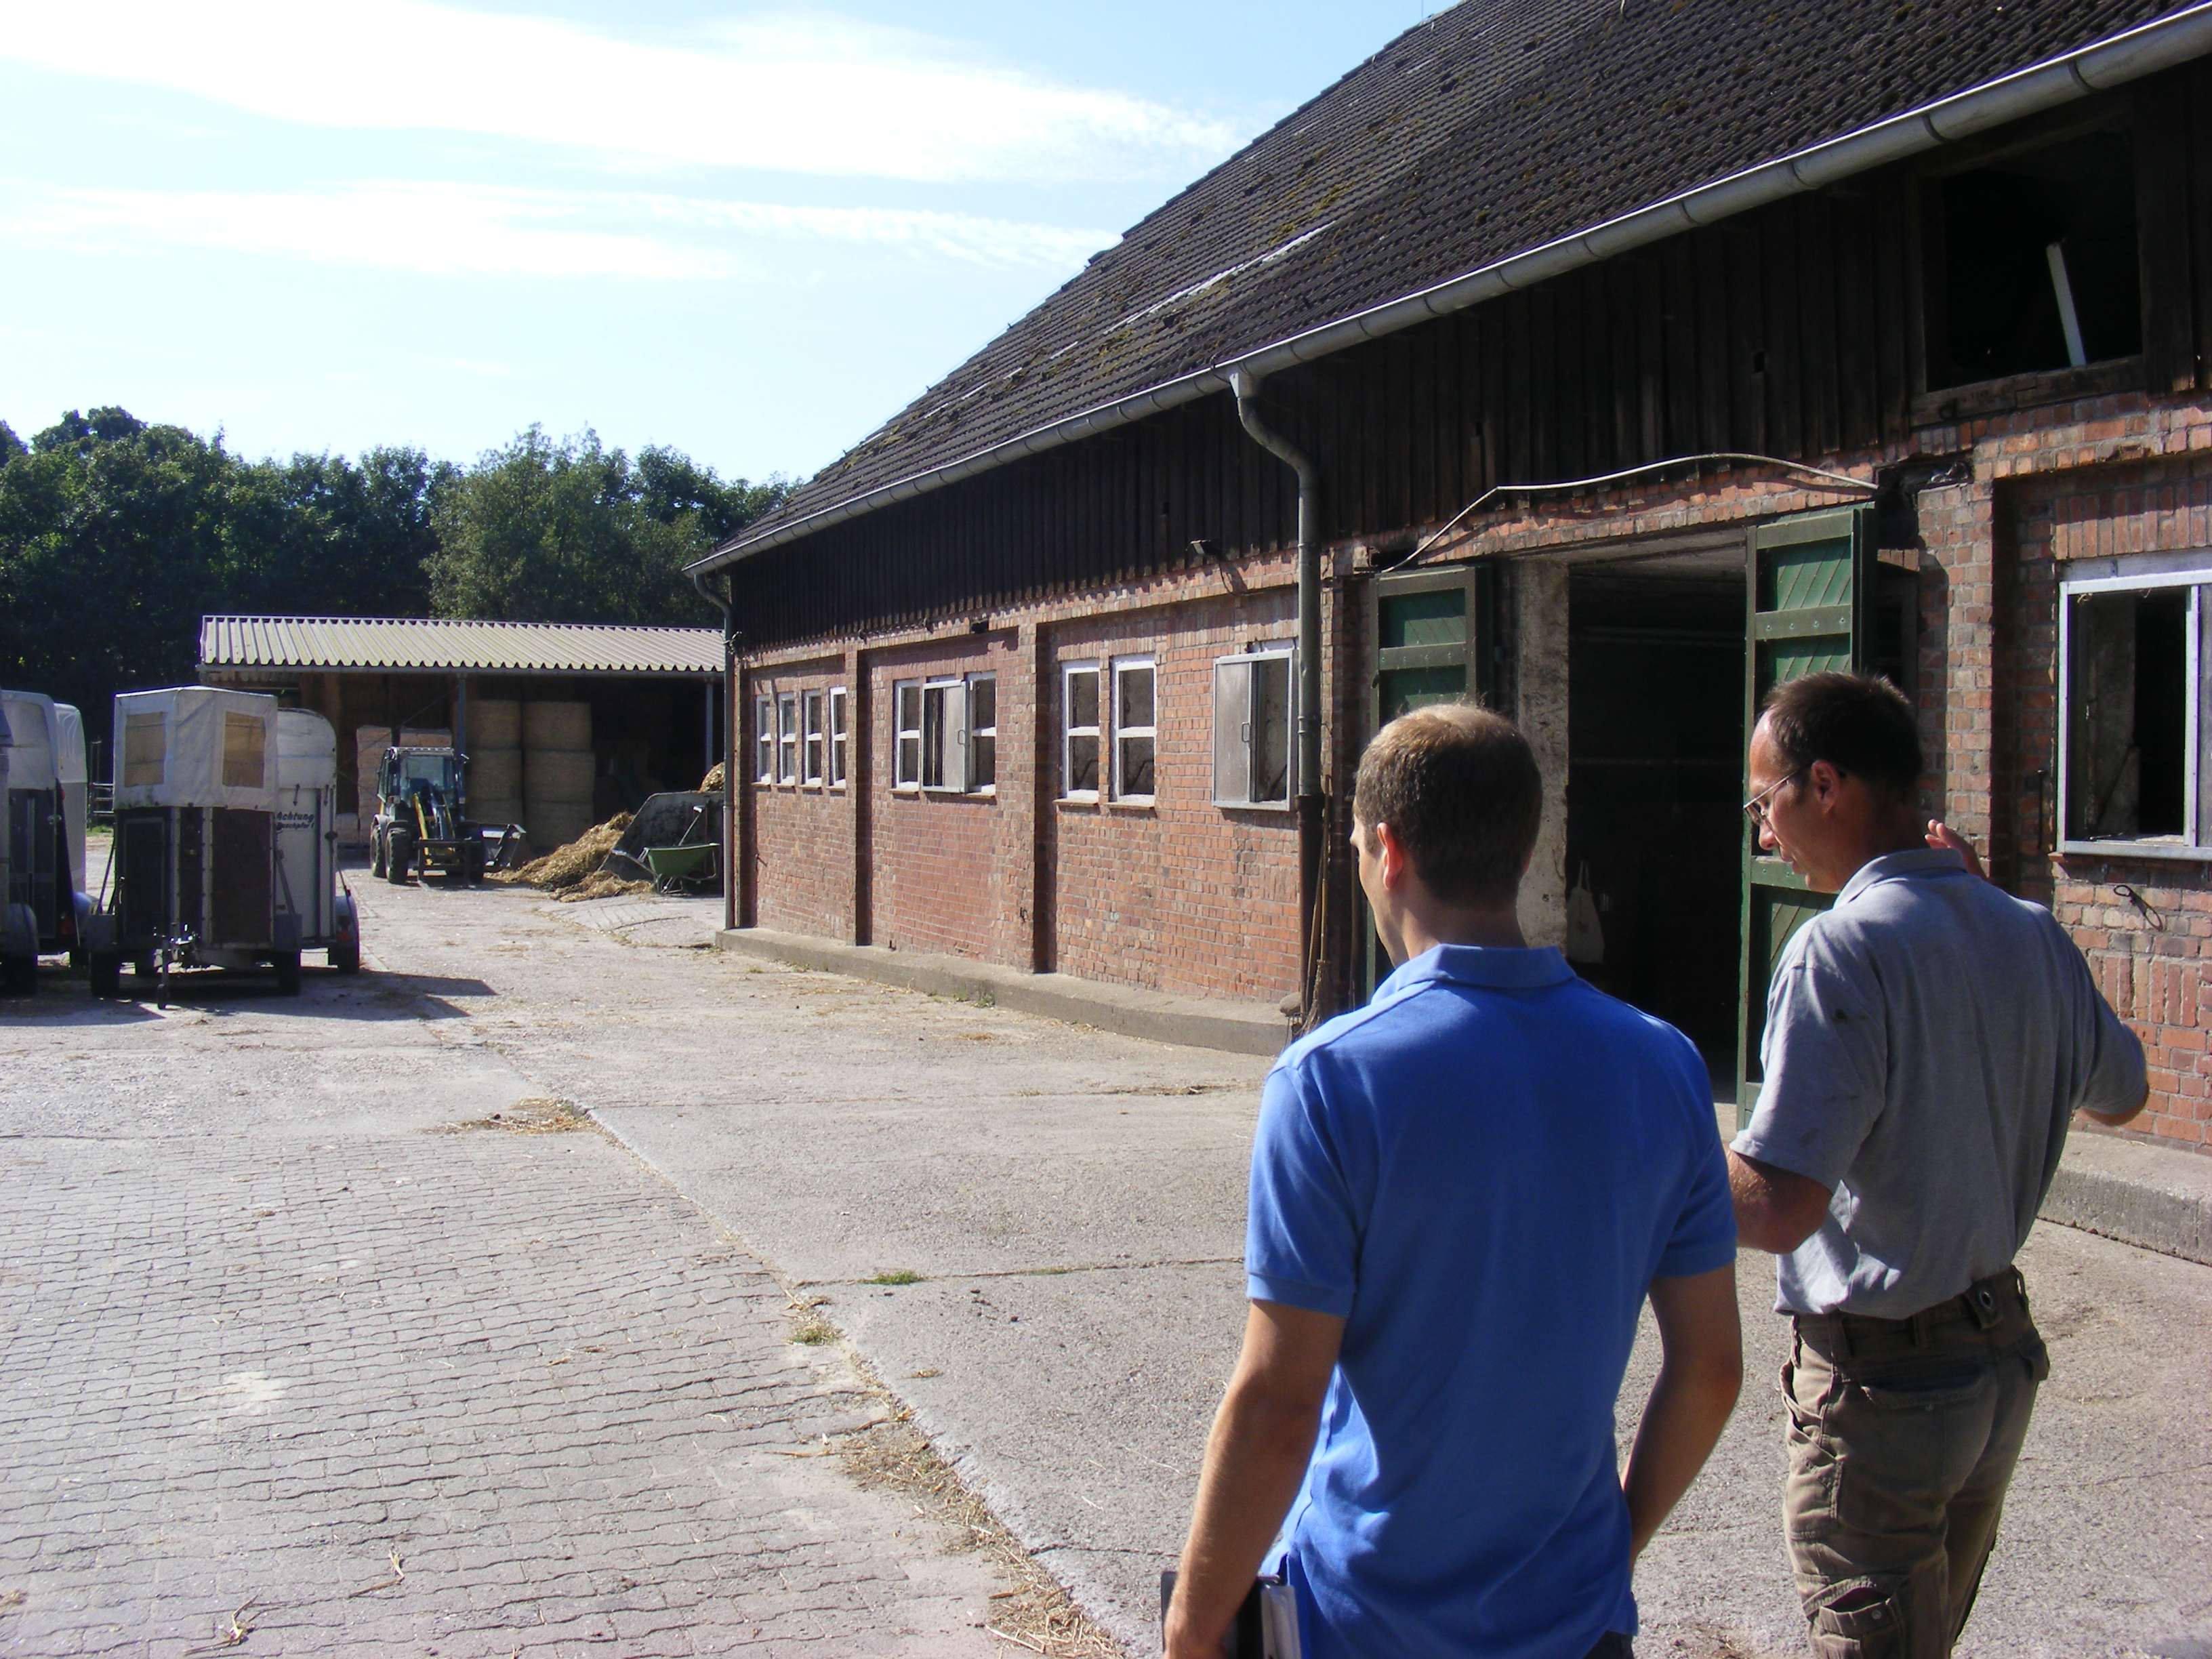 Wohldorfer Hof